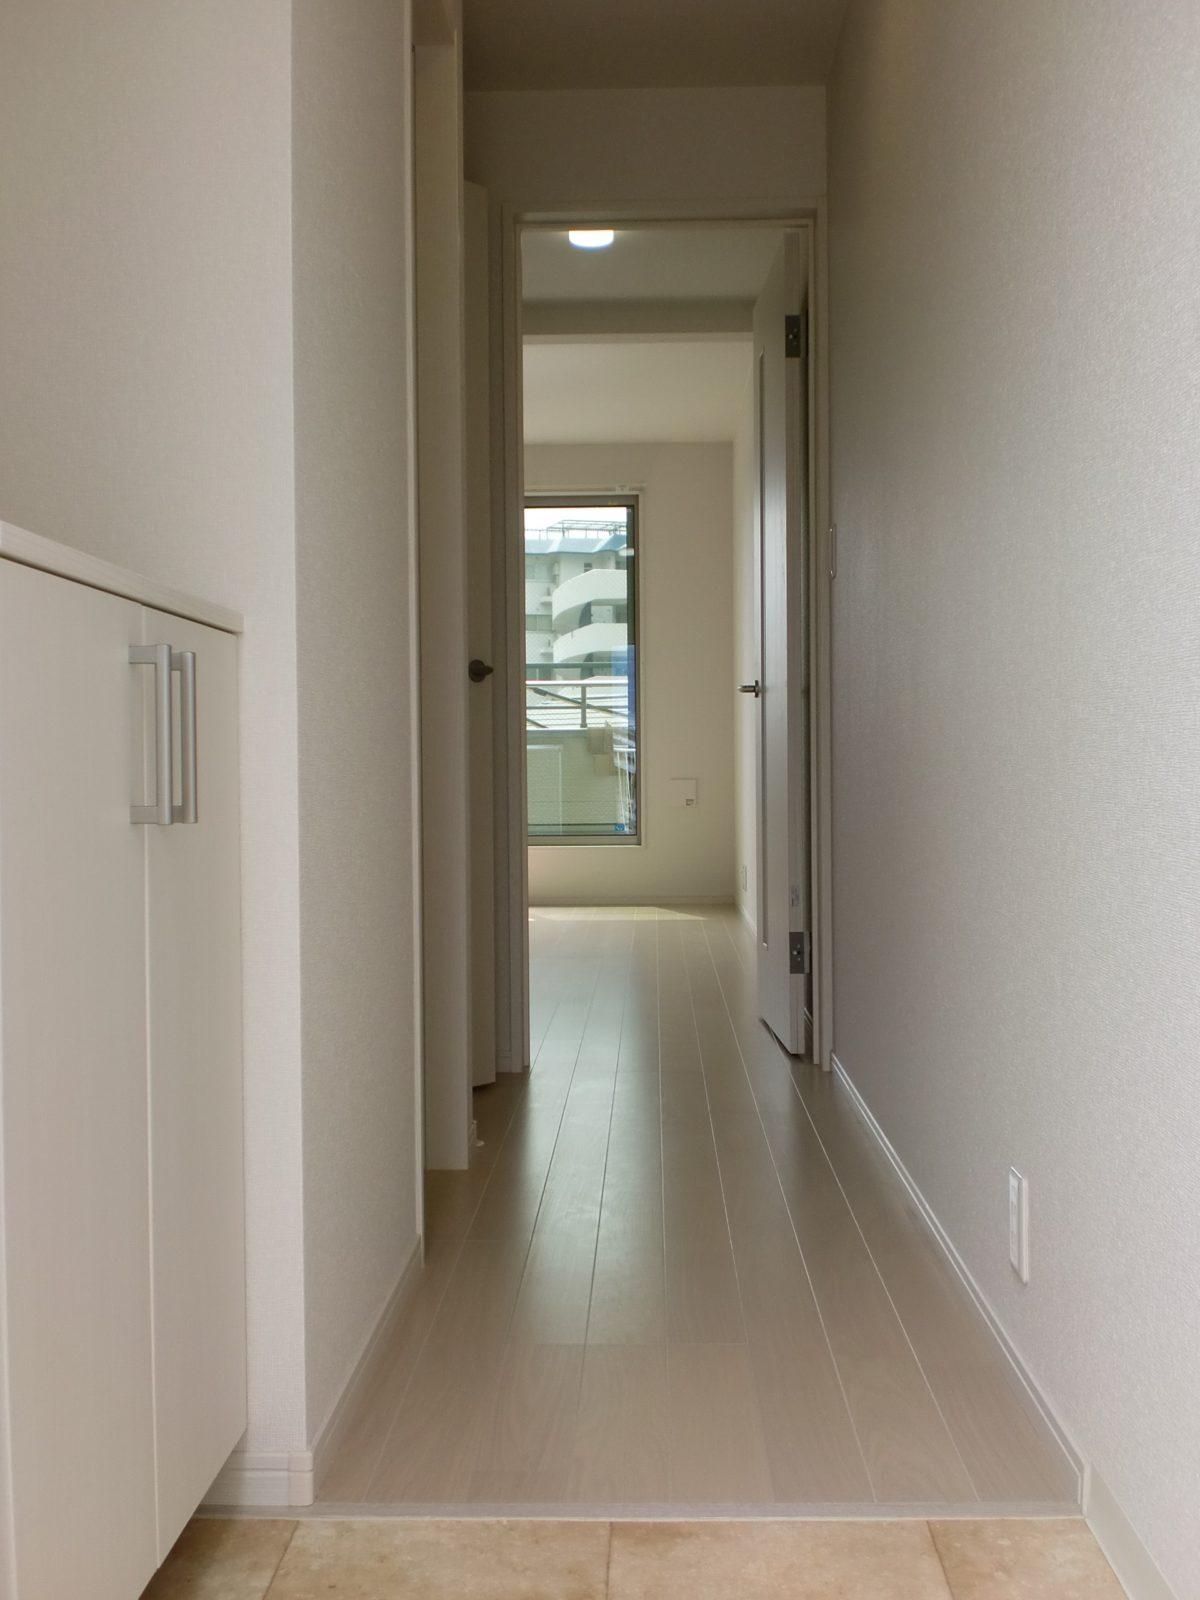 共同住宅:廊下